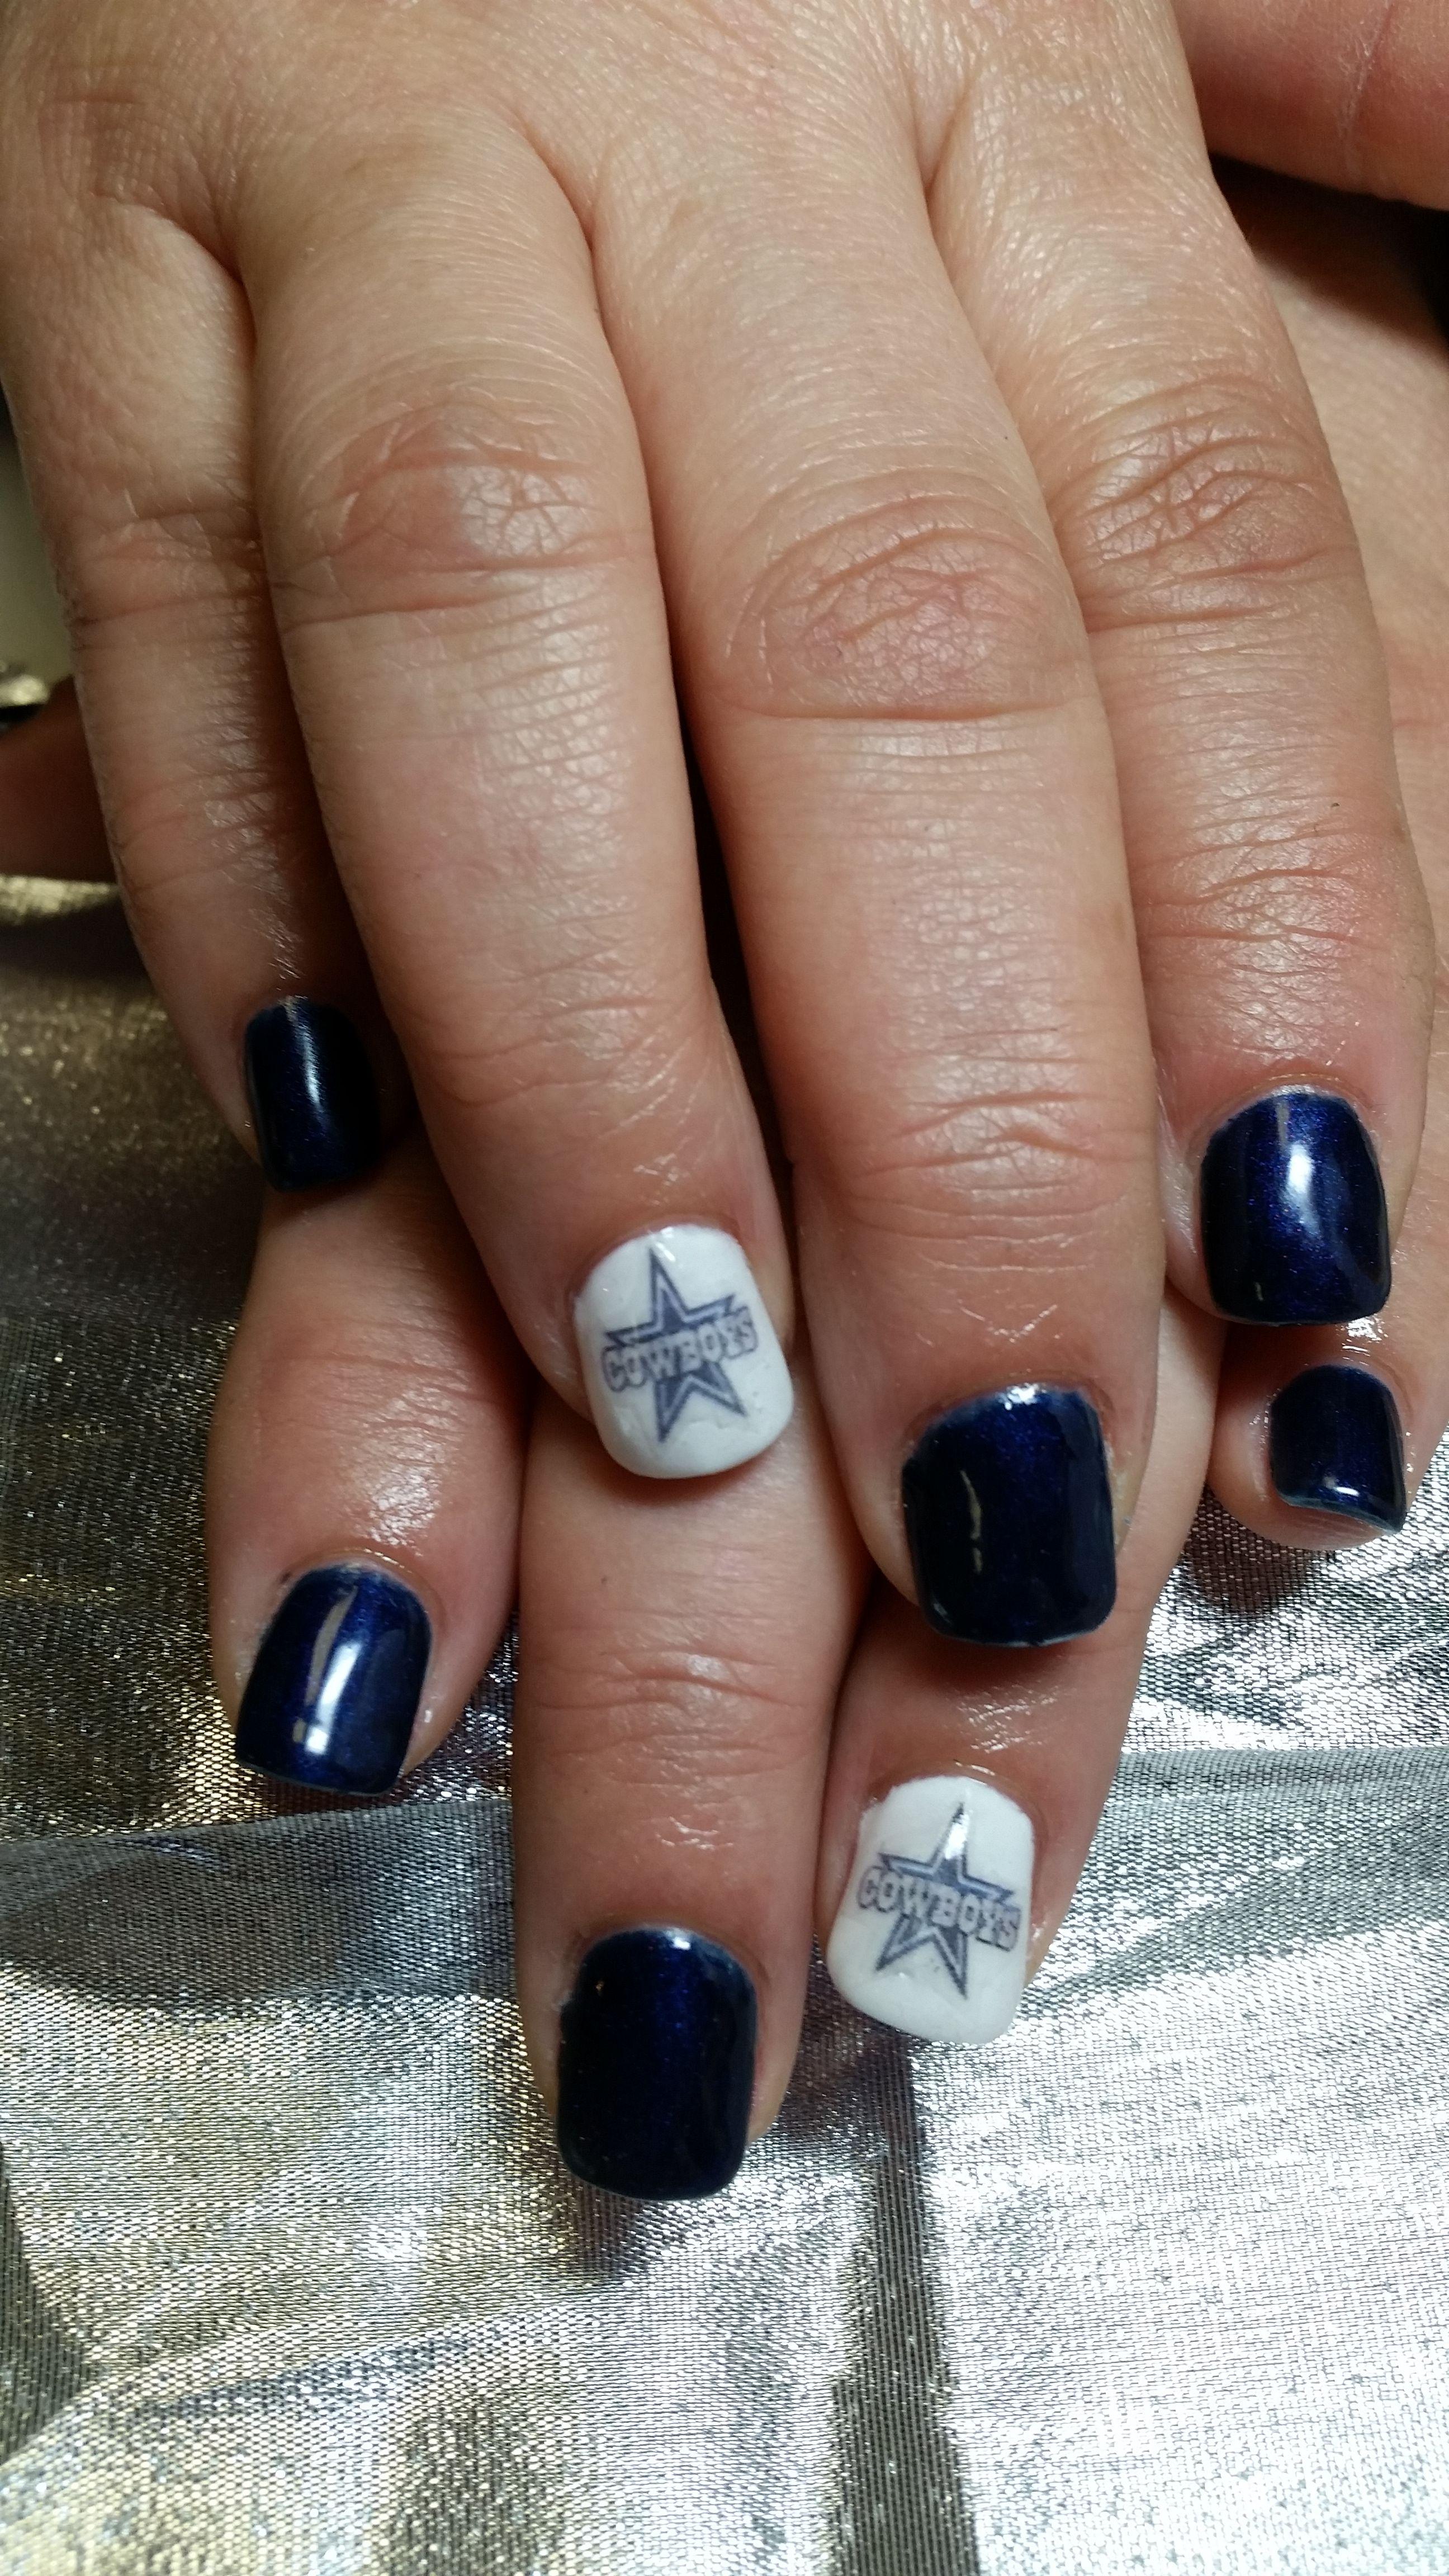 nail art - gel, decal, dallas cowboys | nail art - tea\'s nail art ...